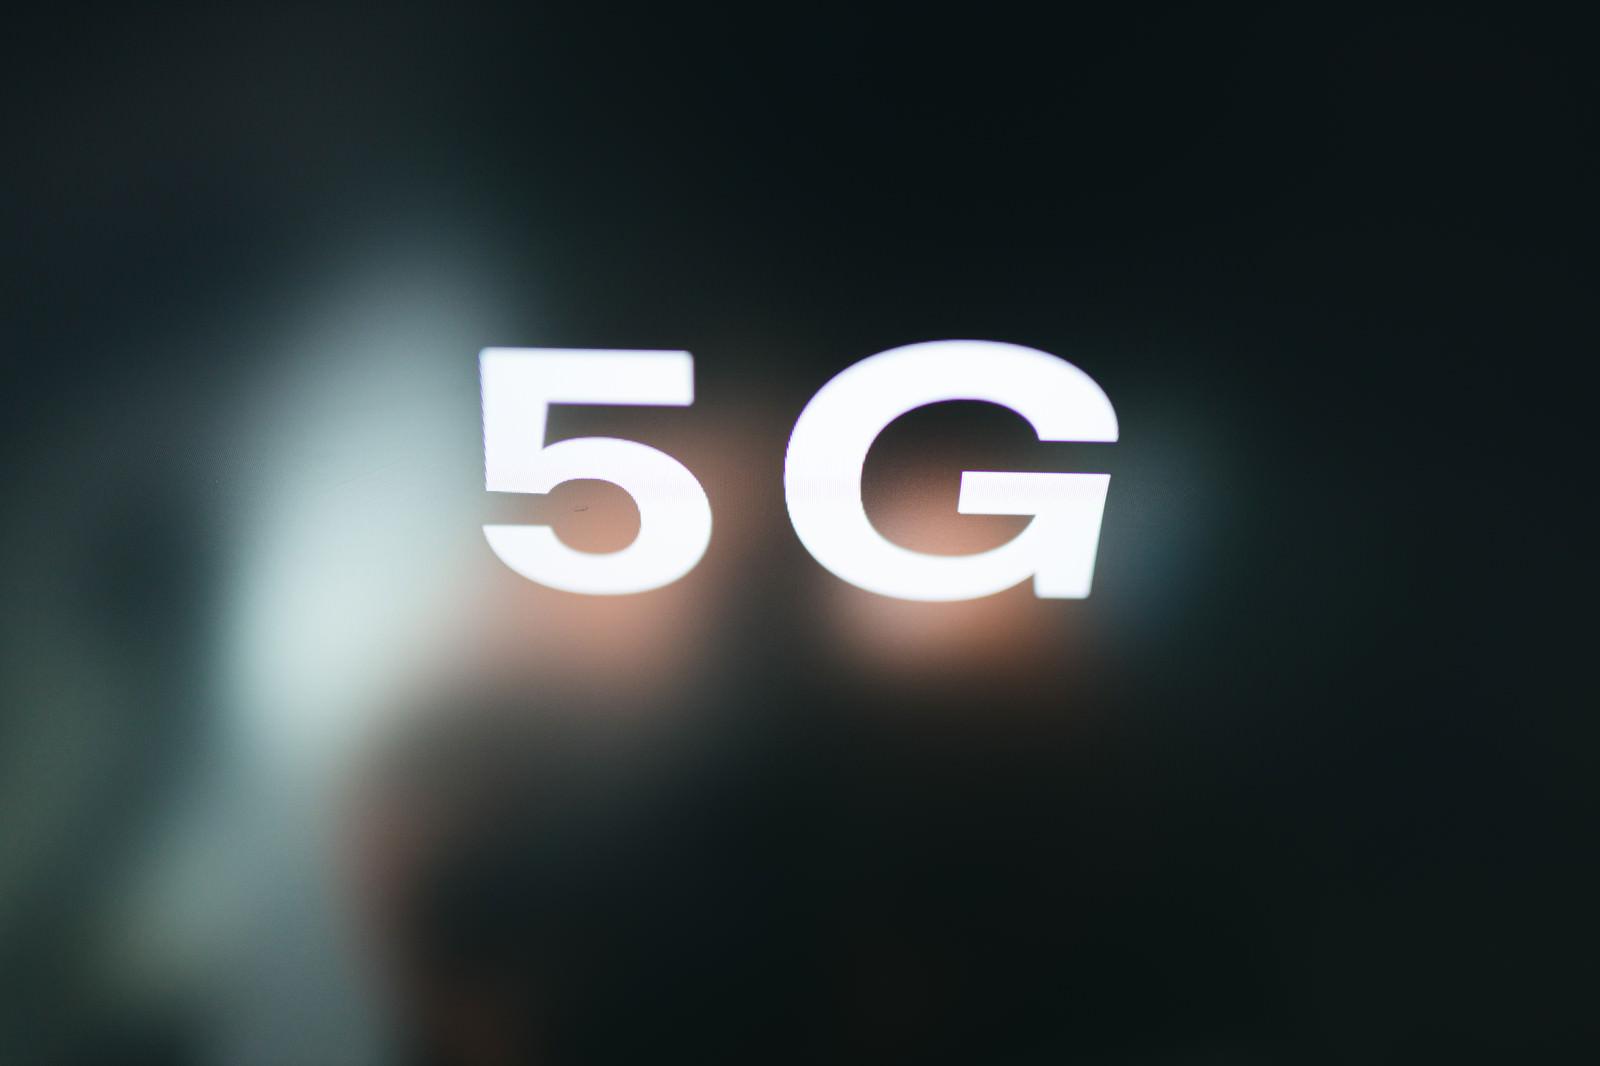 「5G(5thGeneration)」の写真